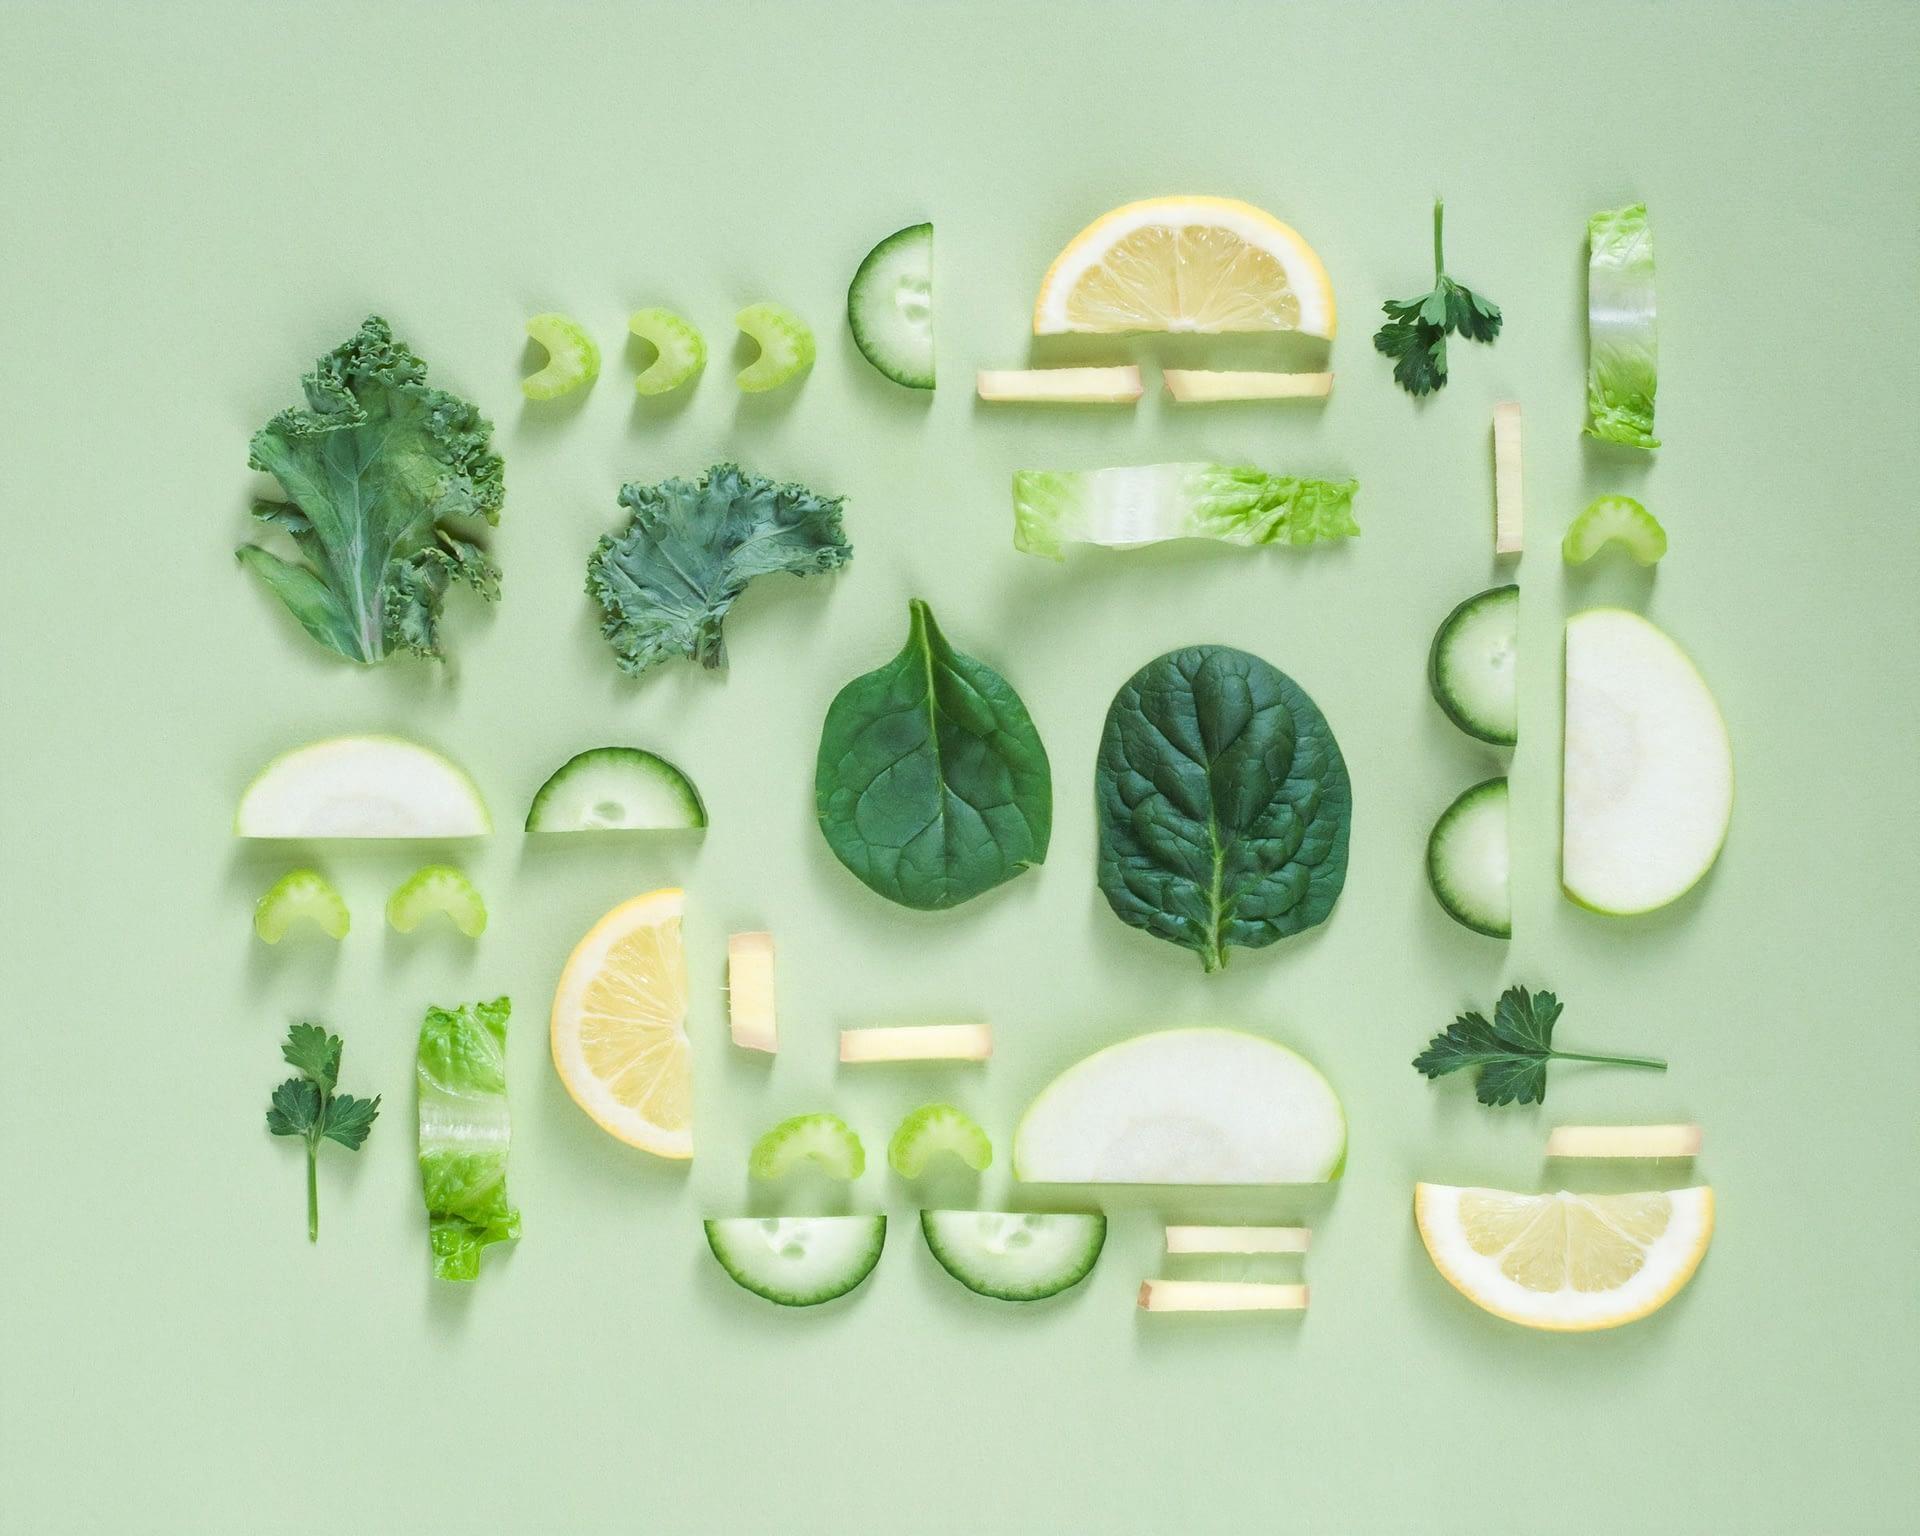 Disturbi alimentazione treviso scorzè, Disturbi dell'alimentazione